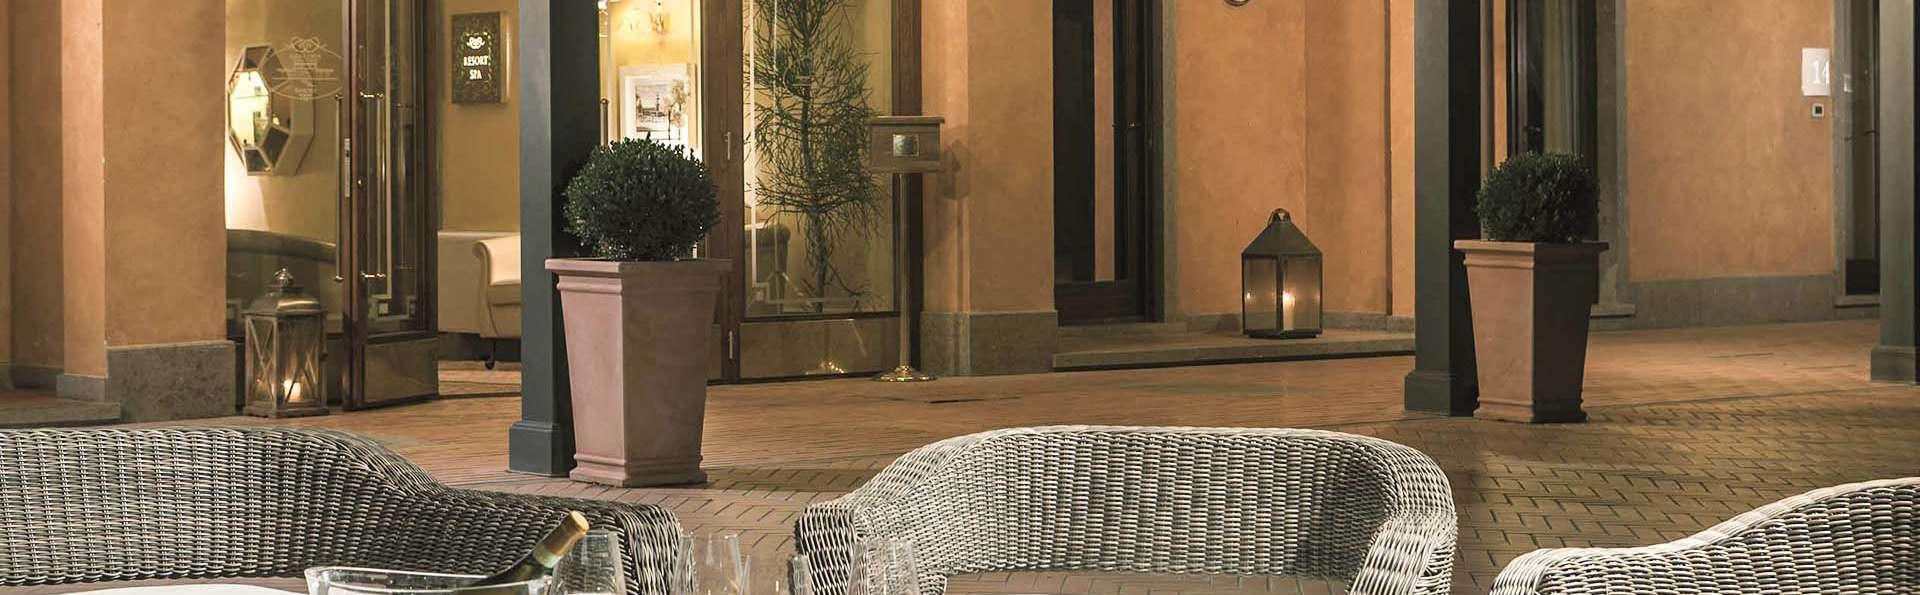 Corte Delle Dolomiti Spa alla corte delle terme resort 4* - viterbo, italia